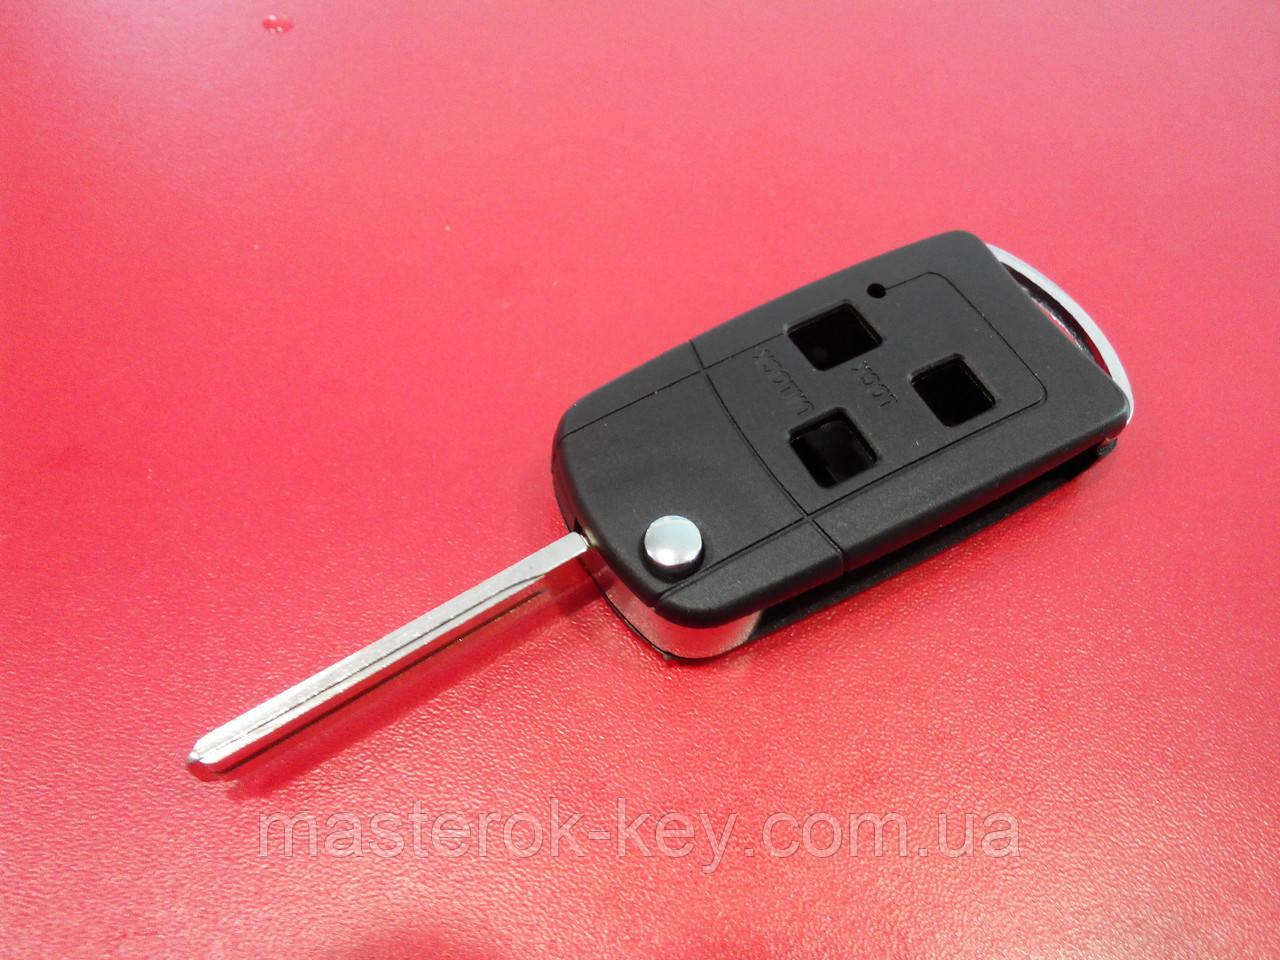 Заготовка выкидного ключа LEXUS 3 кнопки 124#